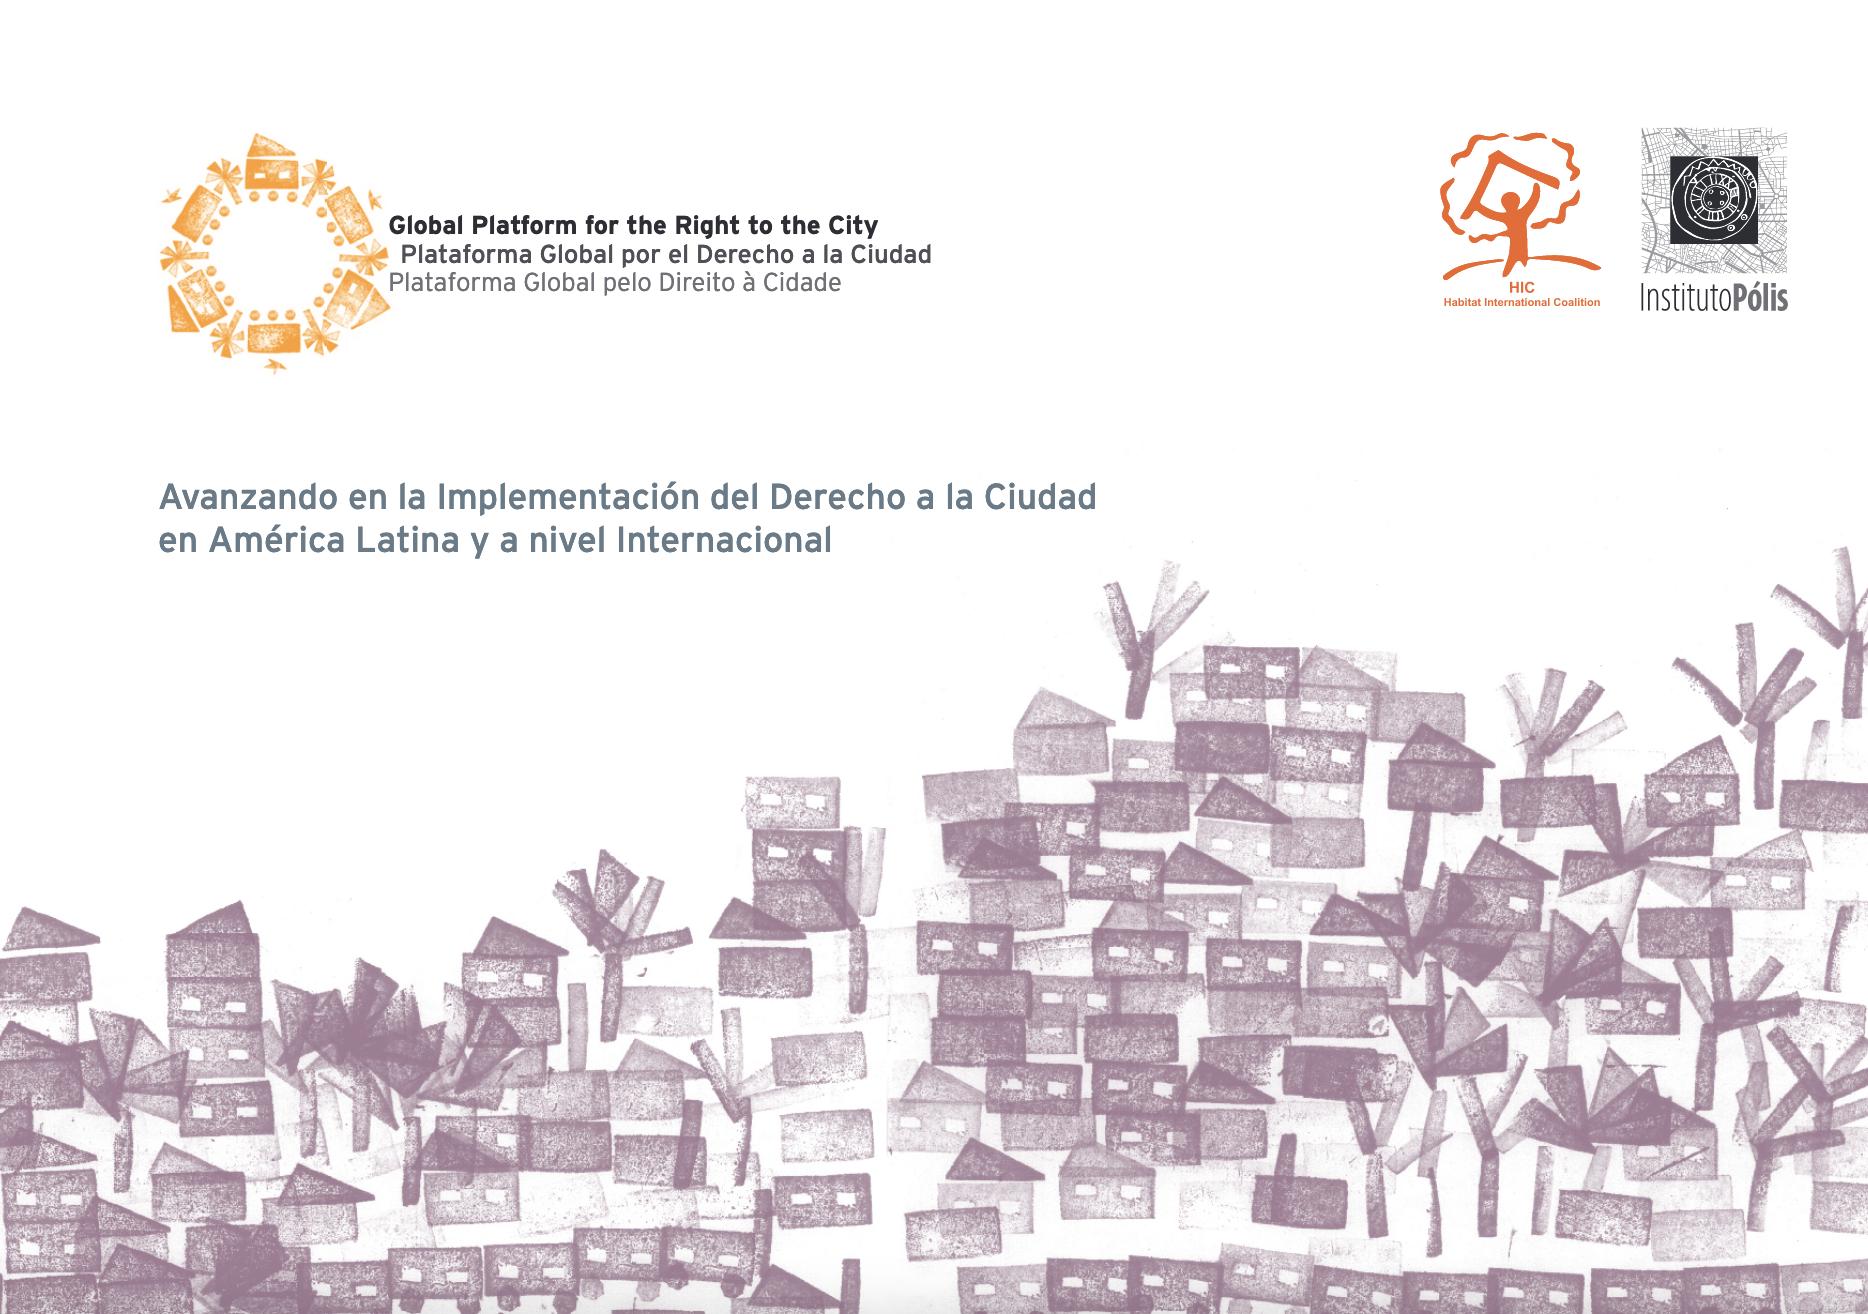 Portada Avanzando en la Implementación del Derecho a la Ciudad en América Latina y a nivel Internacional